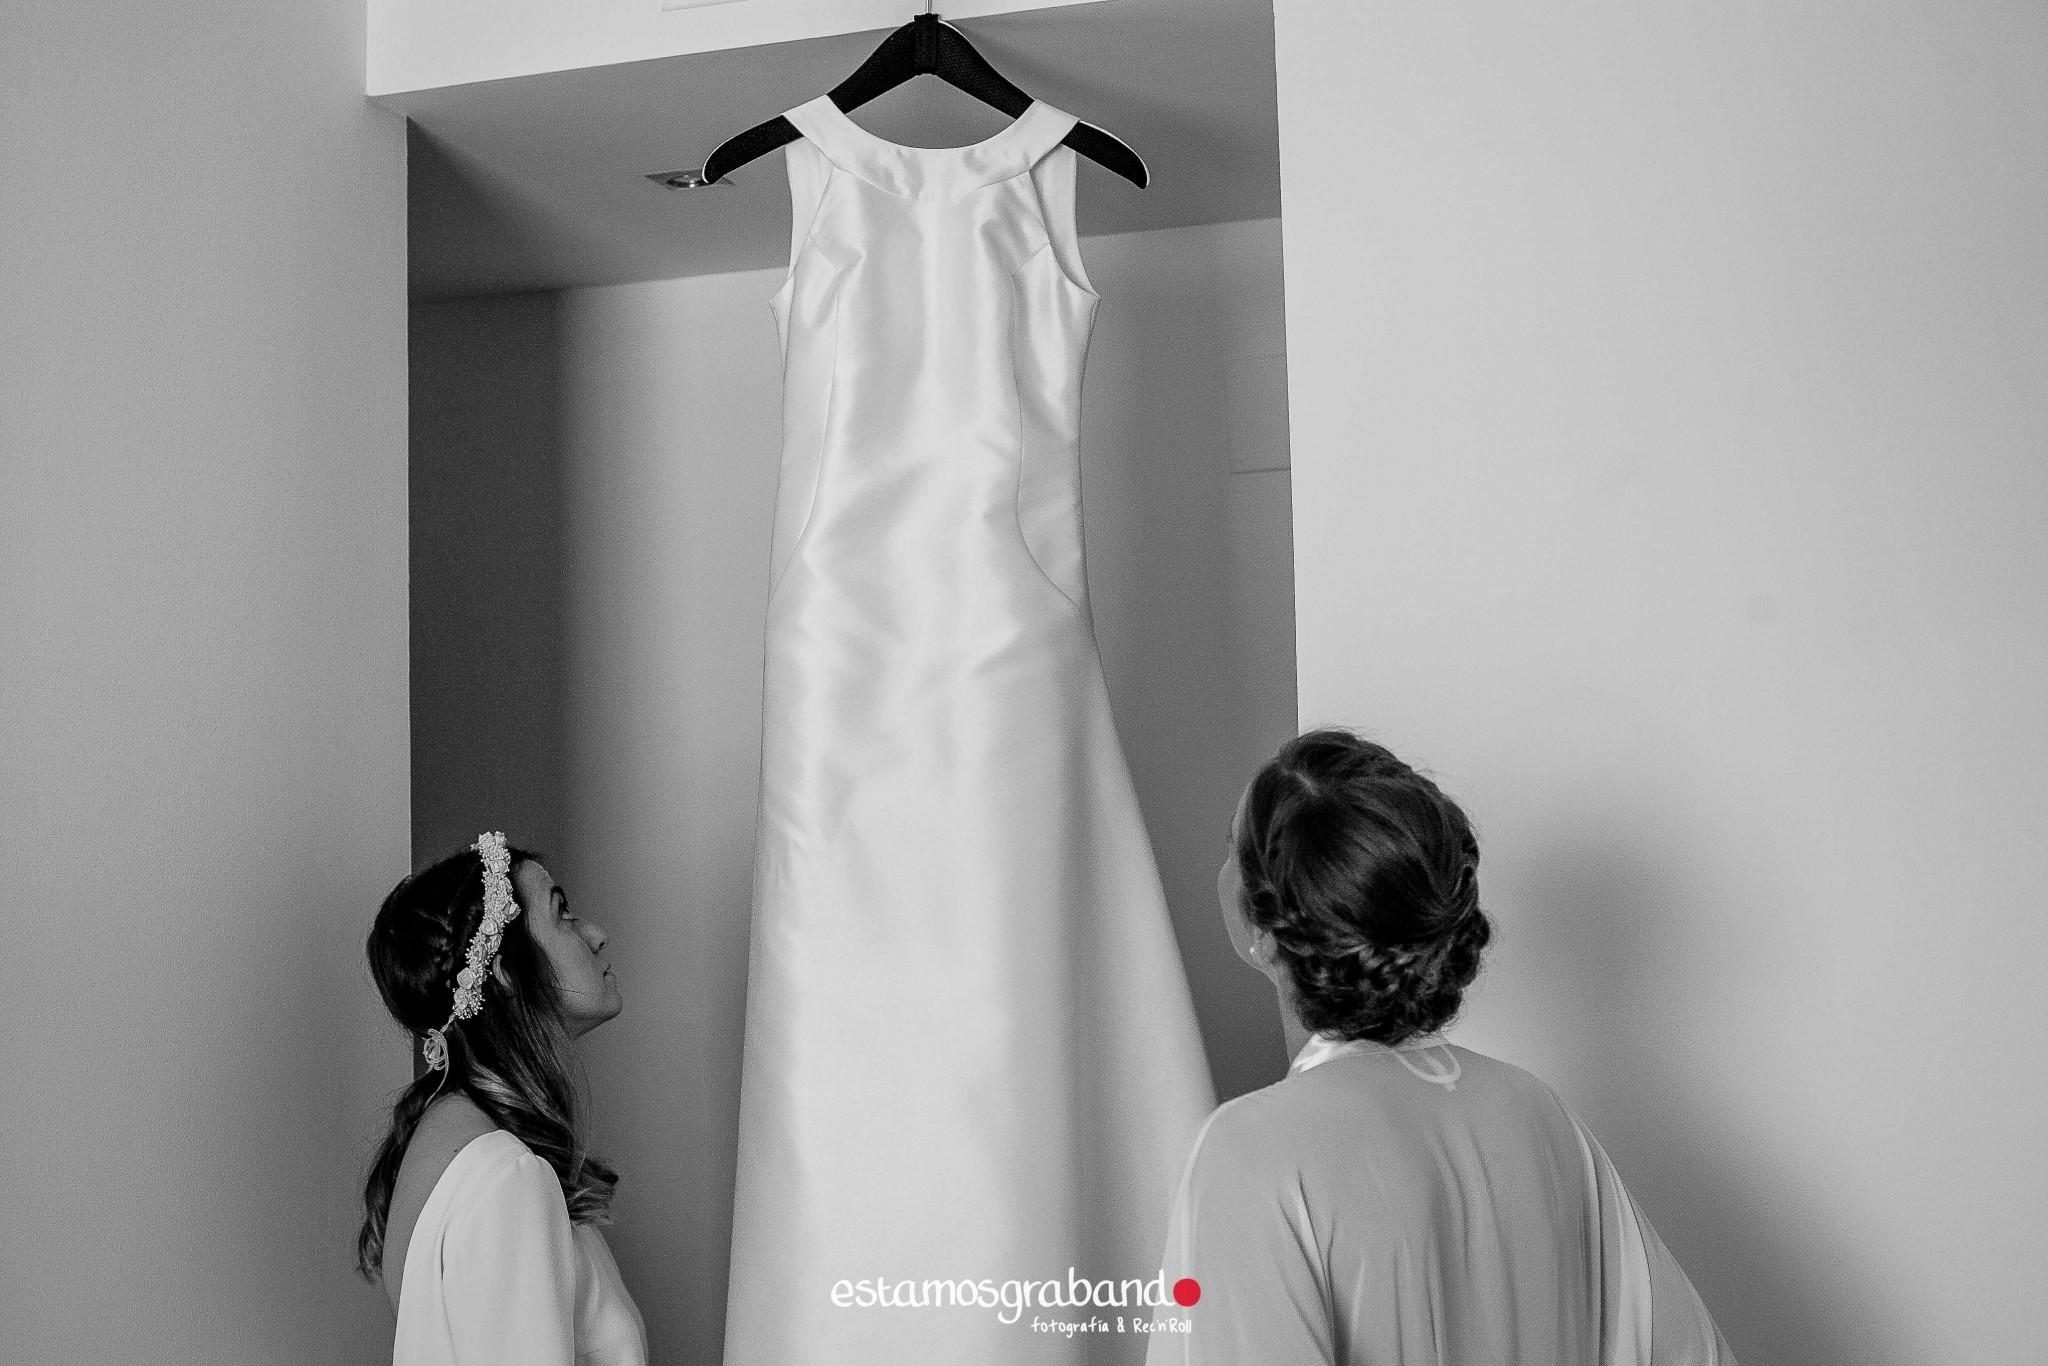 fotografo-de-bodas-jerez_mari-paz-jaime_bodegas-tradiciocc81n-20 32 escalones [Fotografía de bodas Jerez_Mari Paz & Jaime] - video boda cadiz